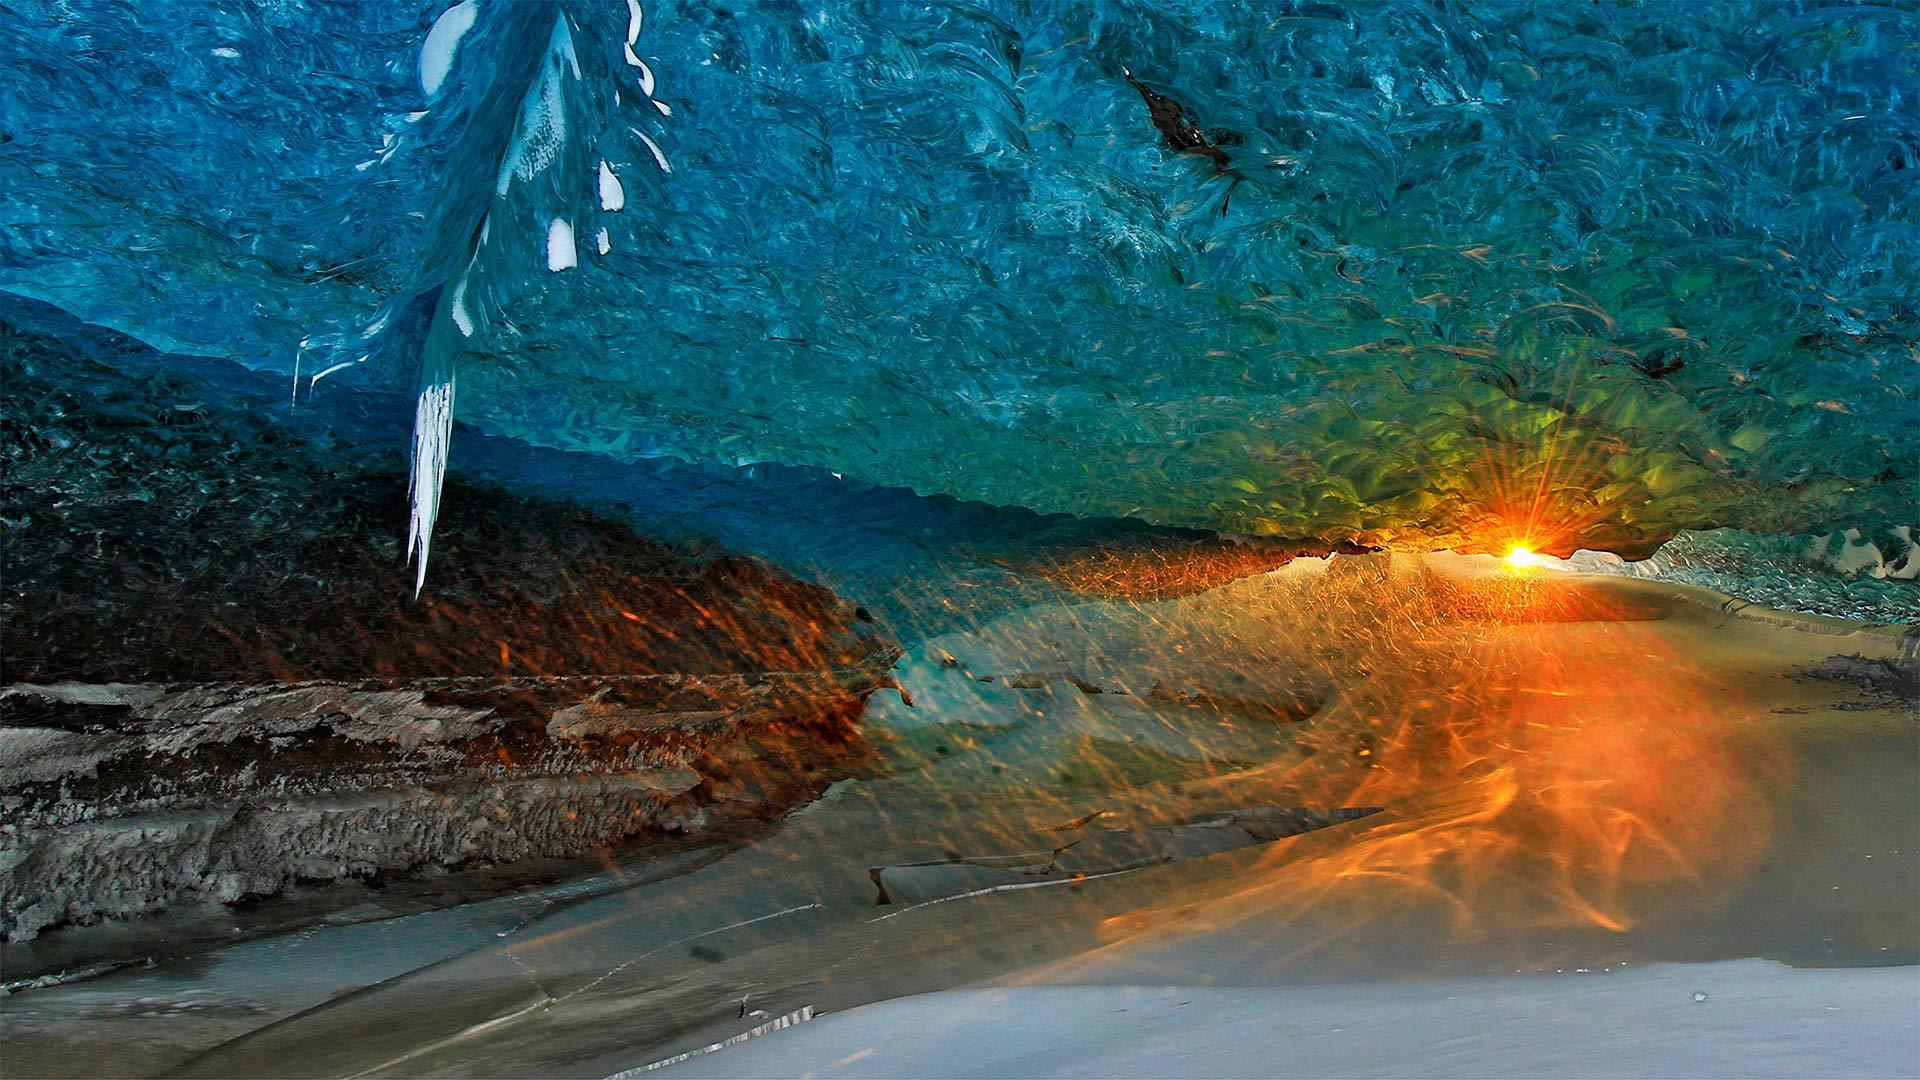 日落时瓦特纳冰川上的冰洞